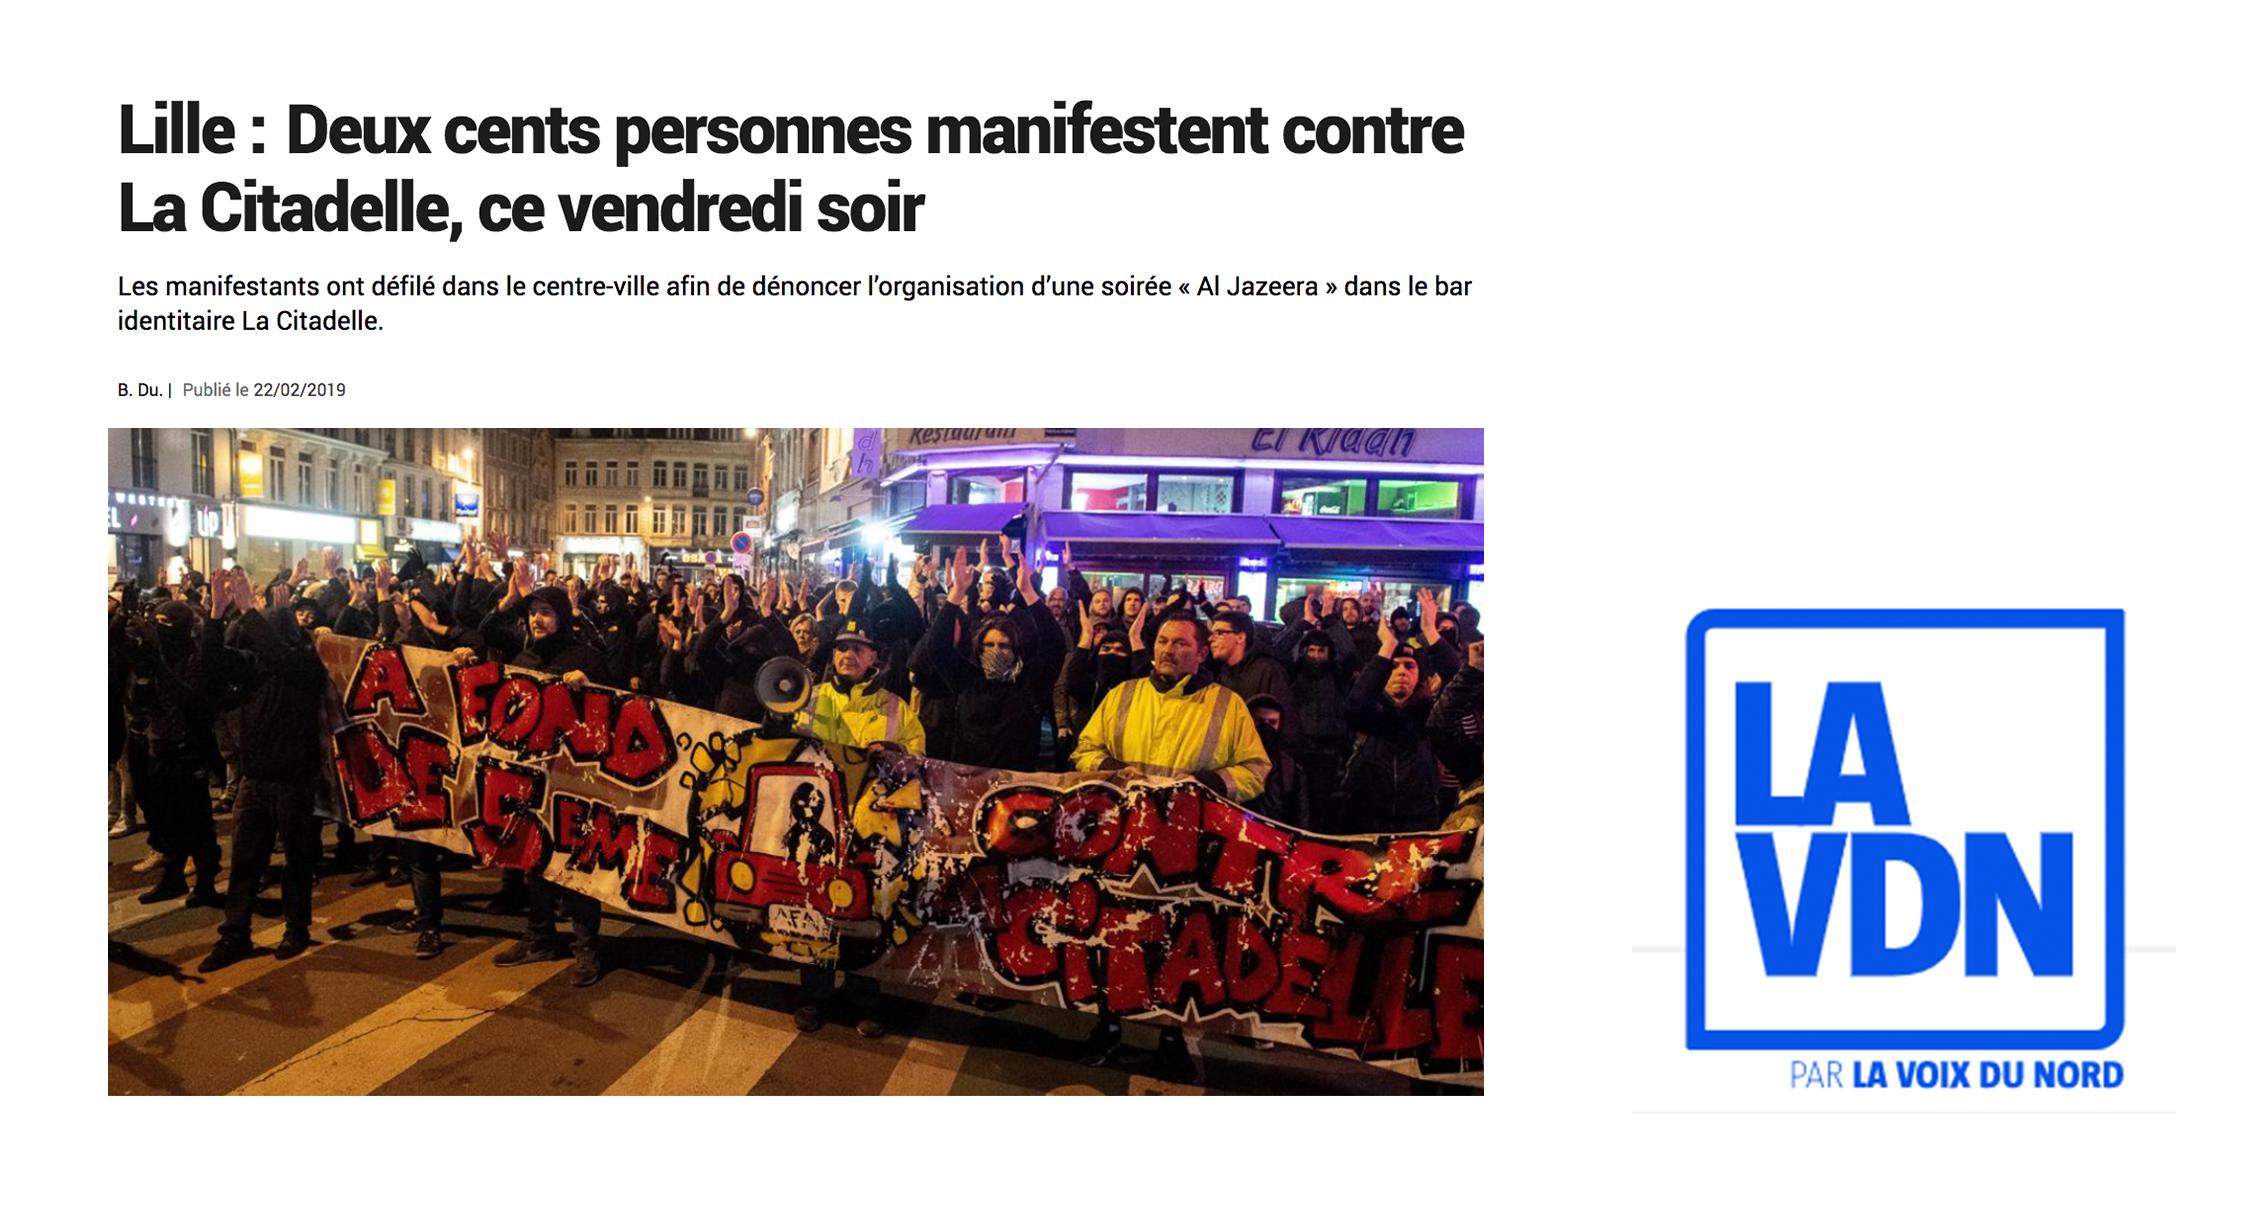 La Voix du Nord: Demonstrators protest against La Citadelle